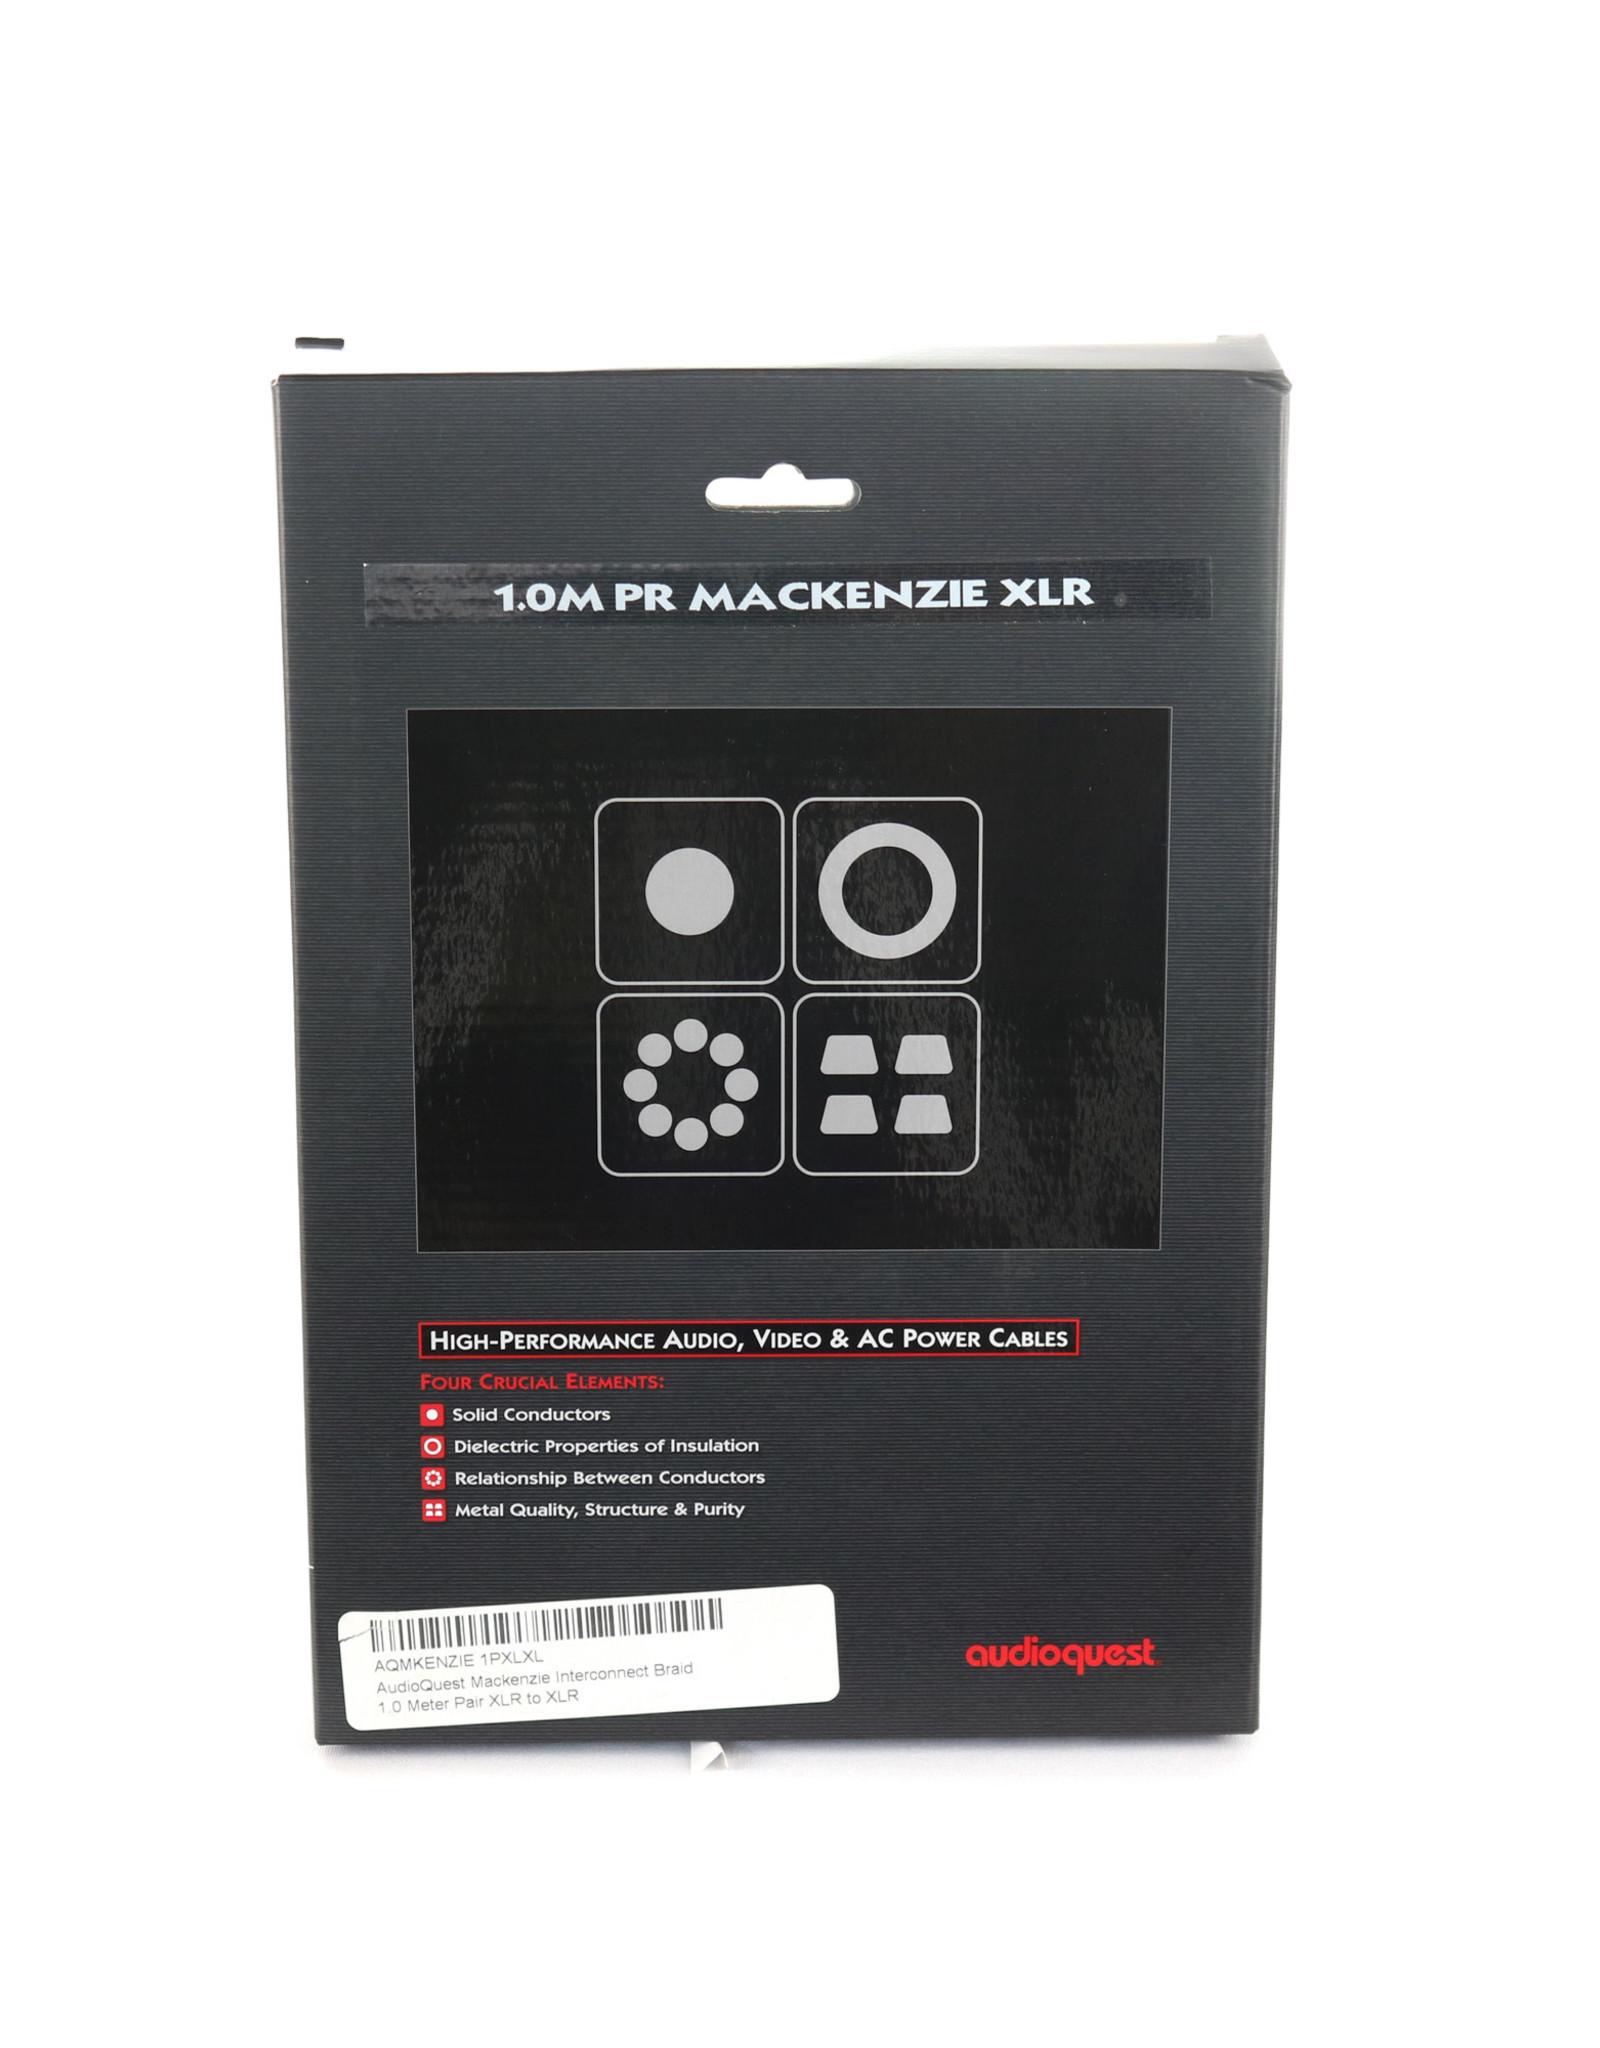 AudioQuest AudioQuest Mackenzie XLR Cable 1m Pair USED